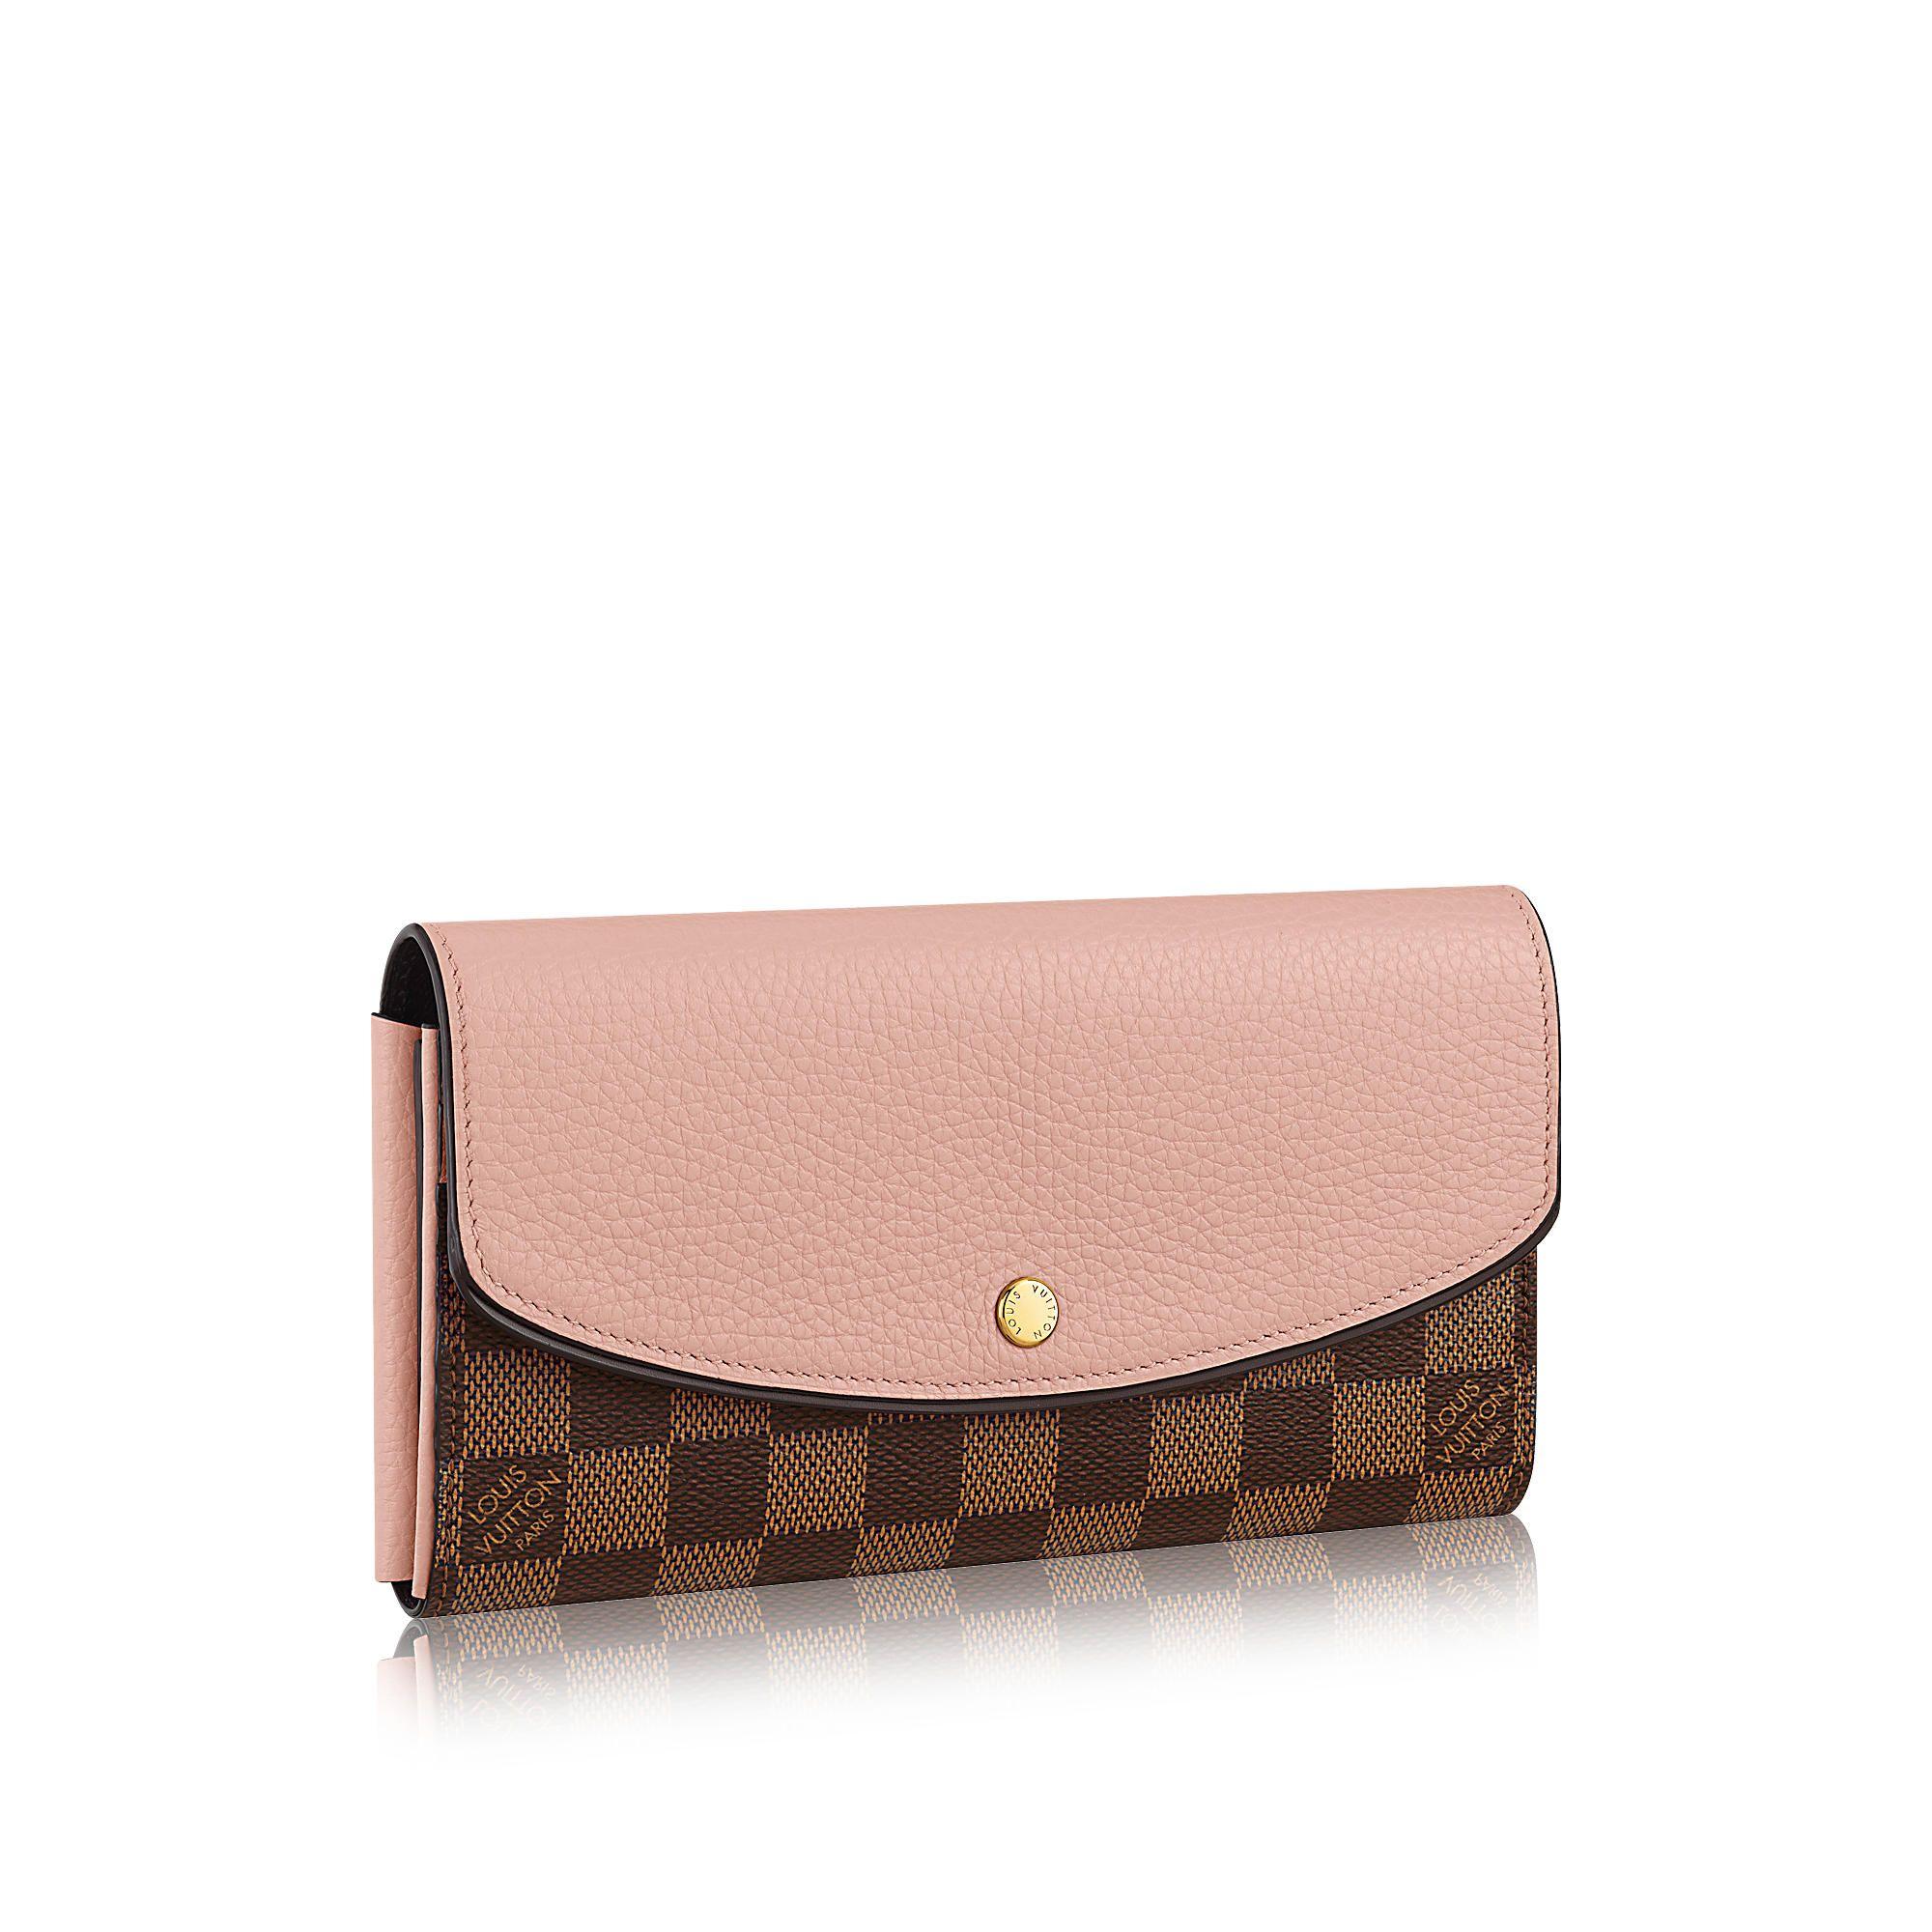 8023e2e0b Normandy Wallet | Lady Luggage♡ | Louis vuitton wallet, Louis ...